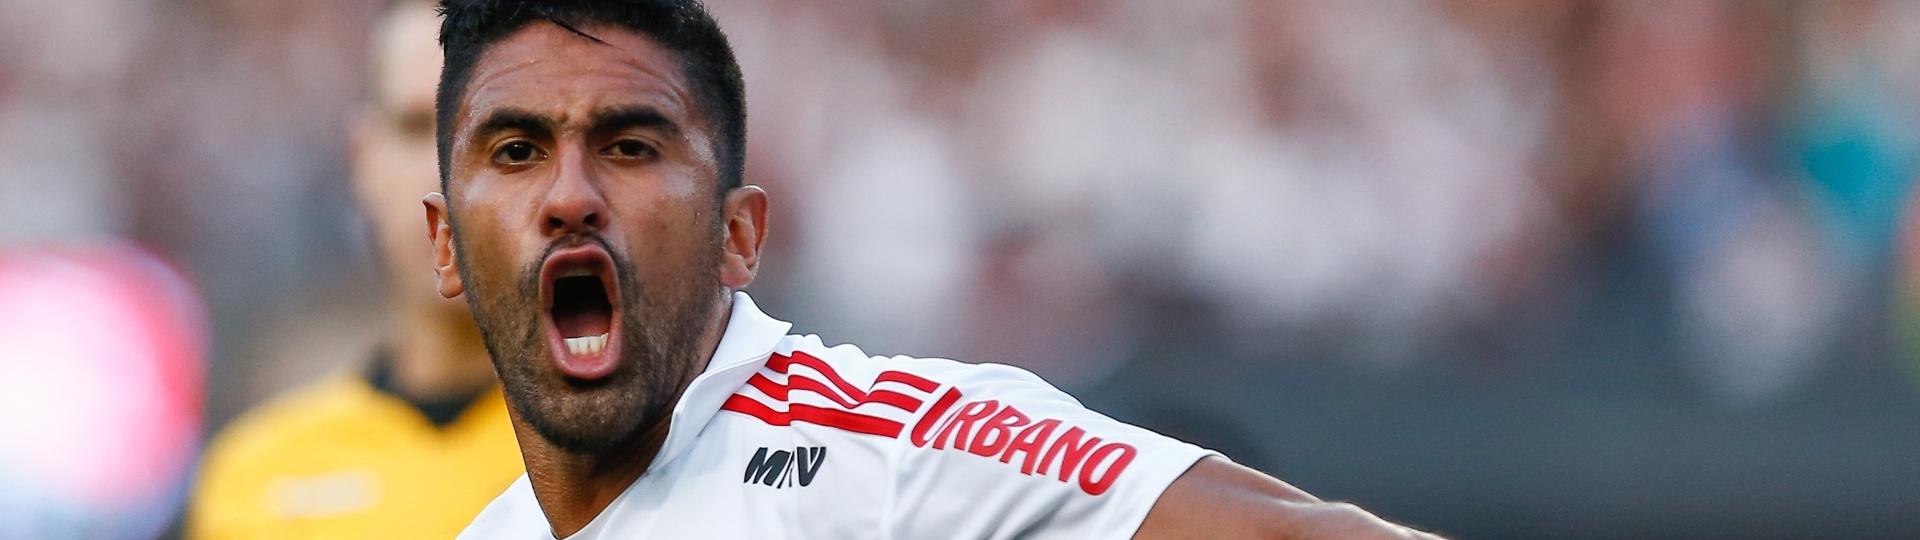 Tréllez comemora após empatar o jogo para o São Paulo contra o Fluminense